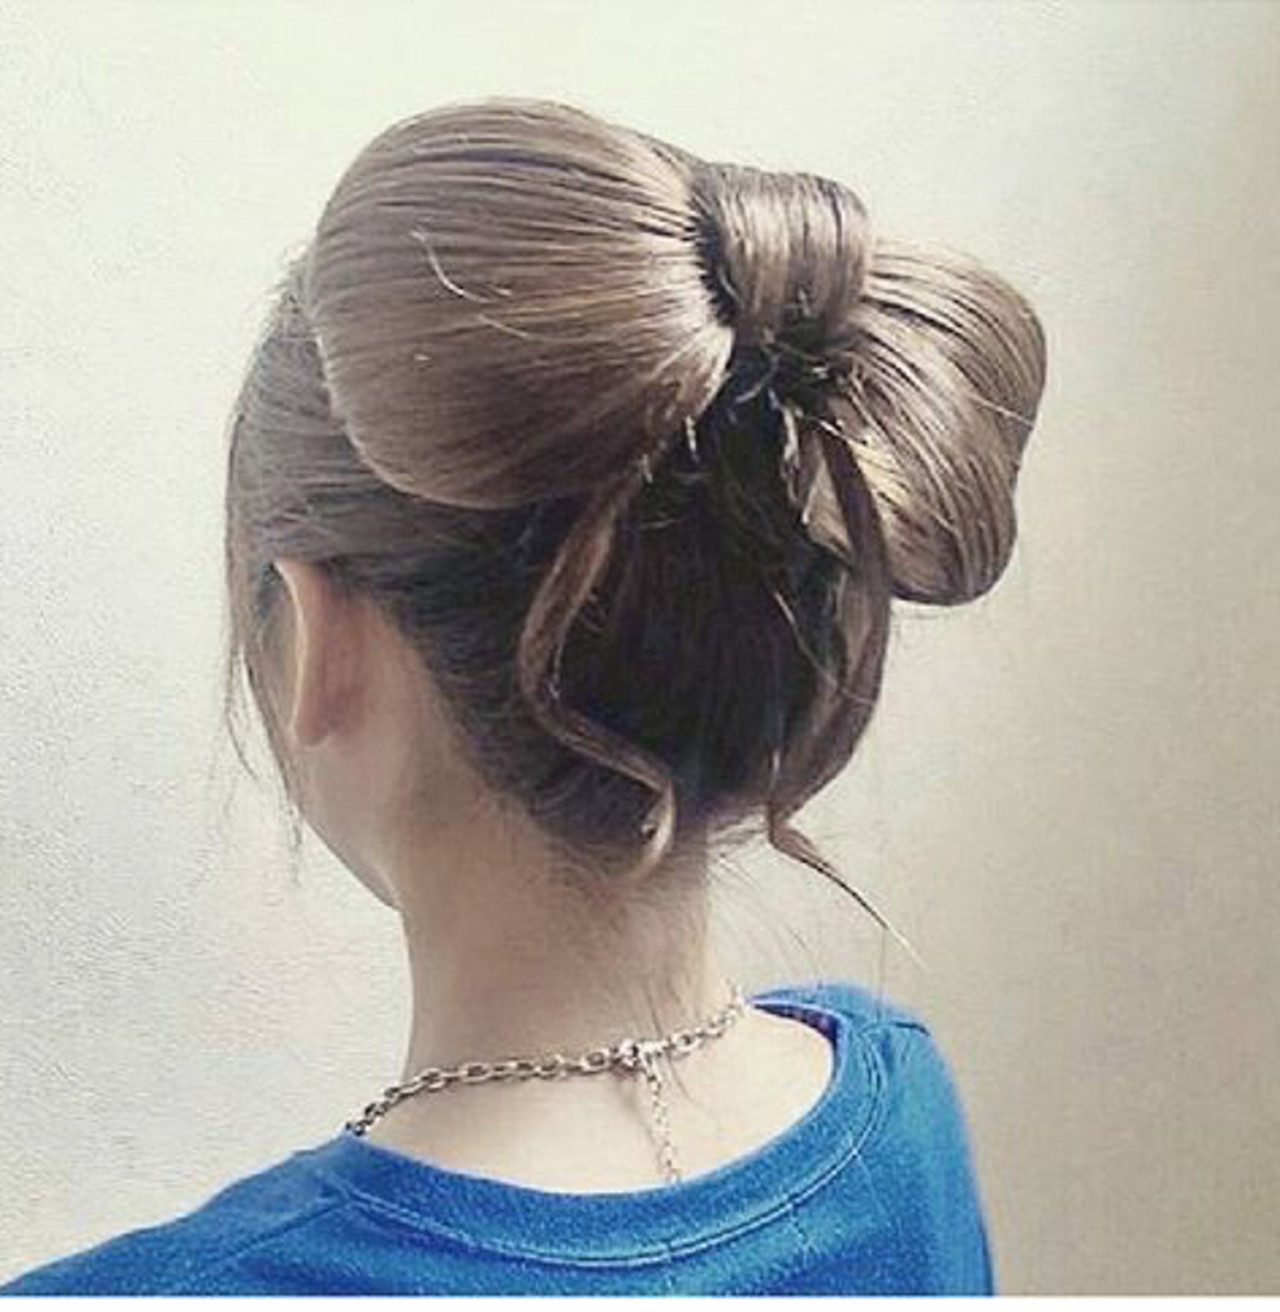 りぼん ヘアアレンジ ロング まとめ髪 Ant Ten 宮川 美香 447275 Hair